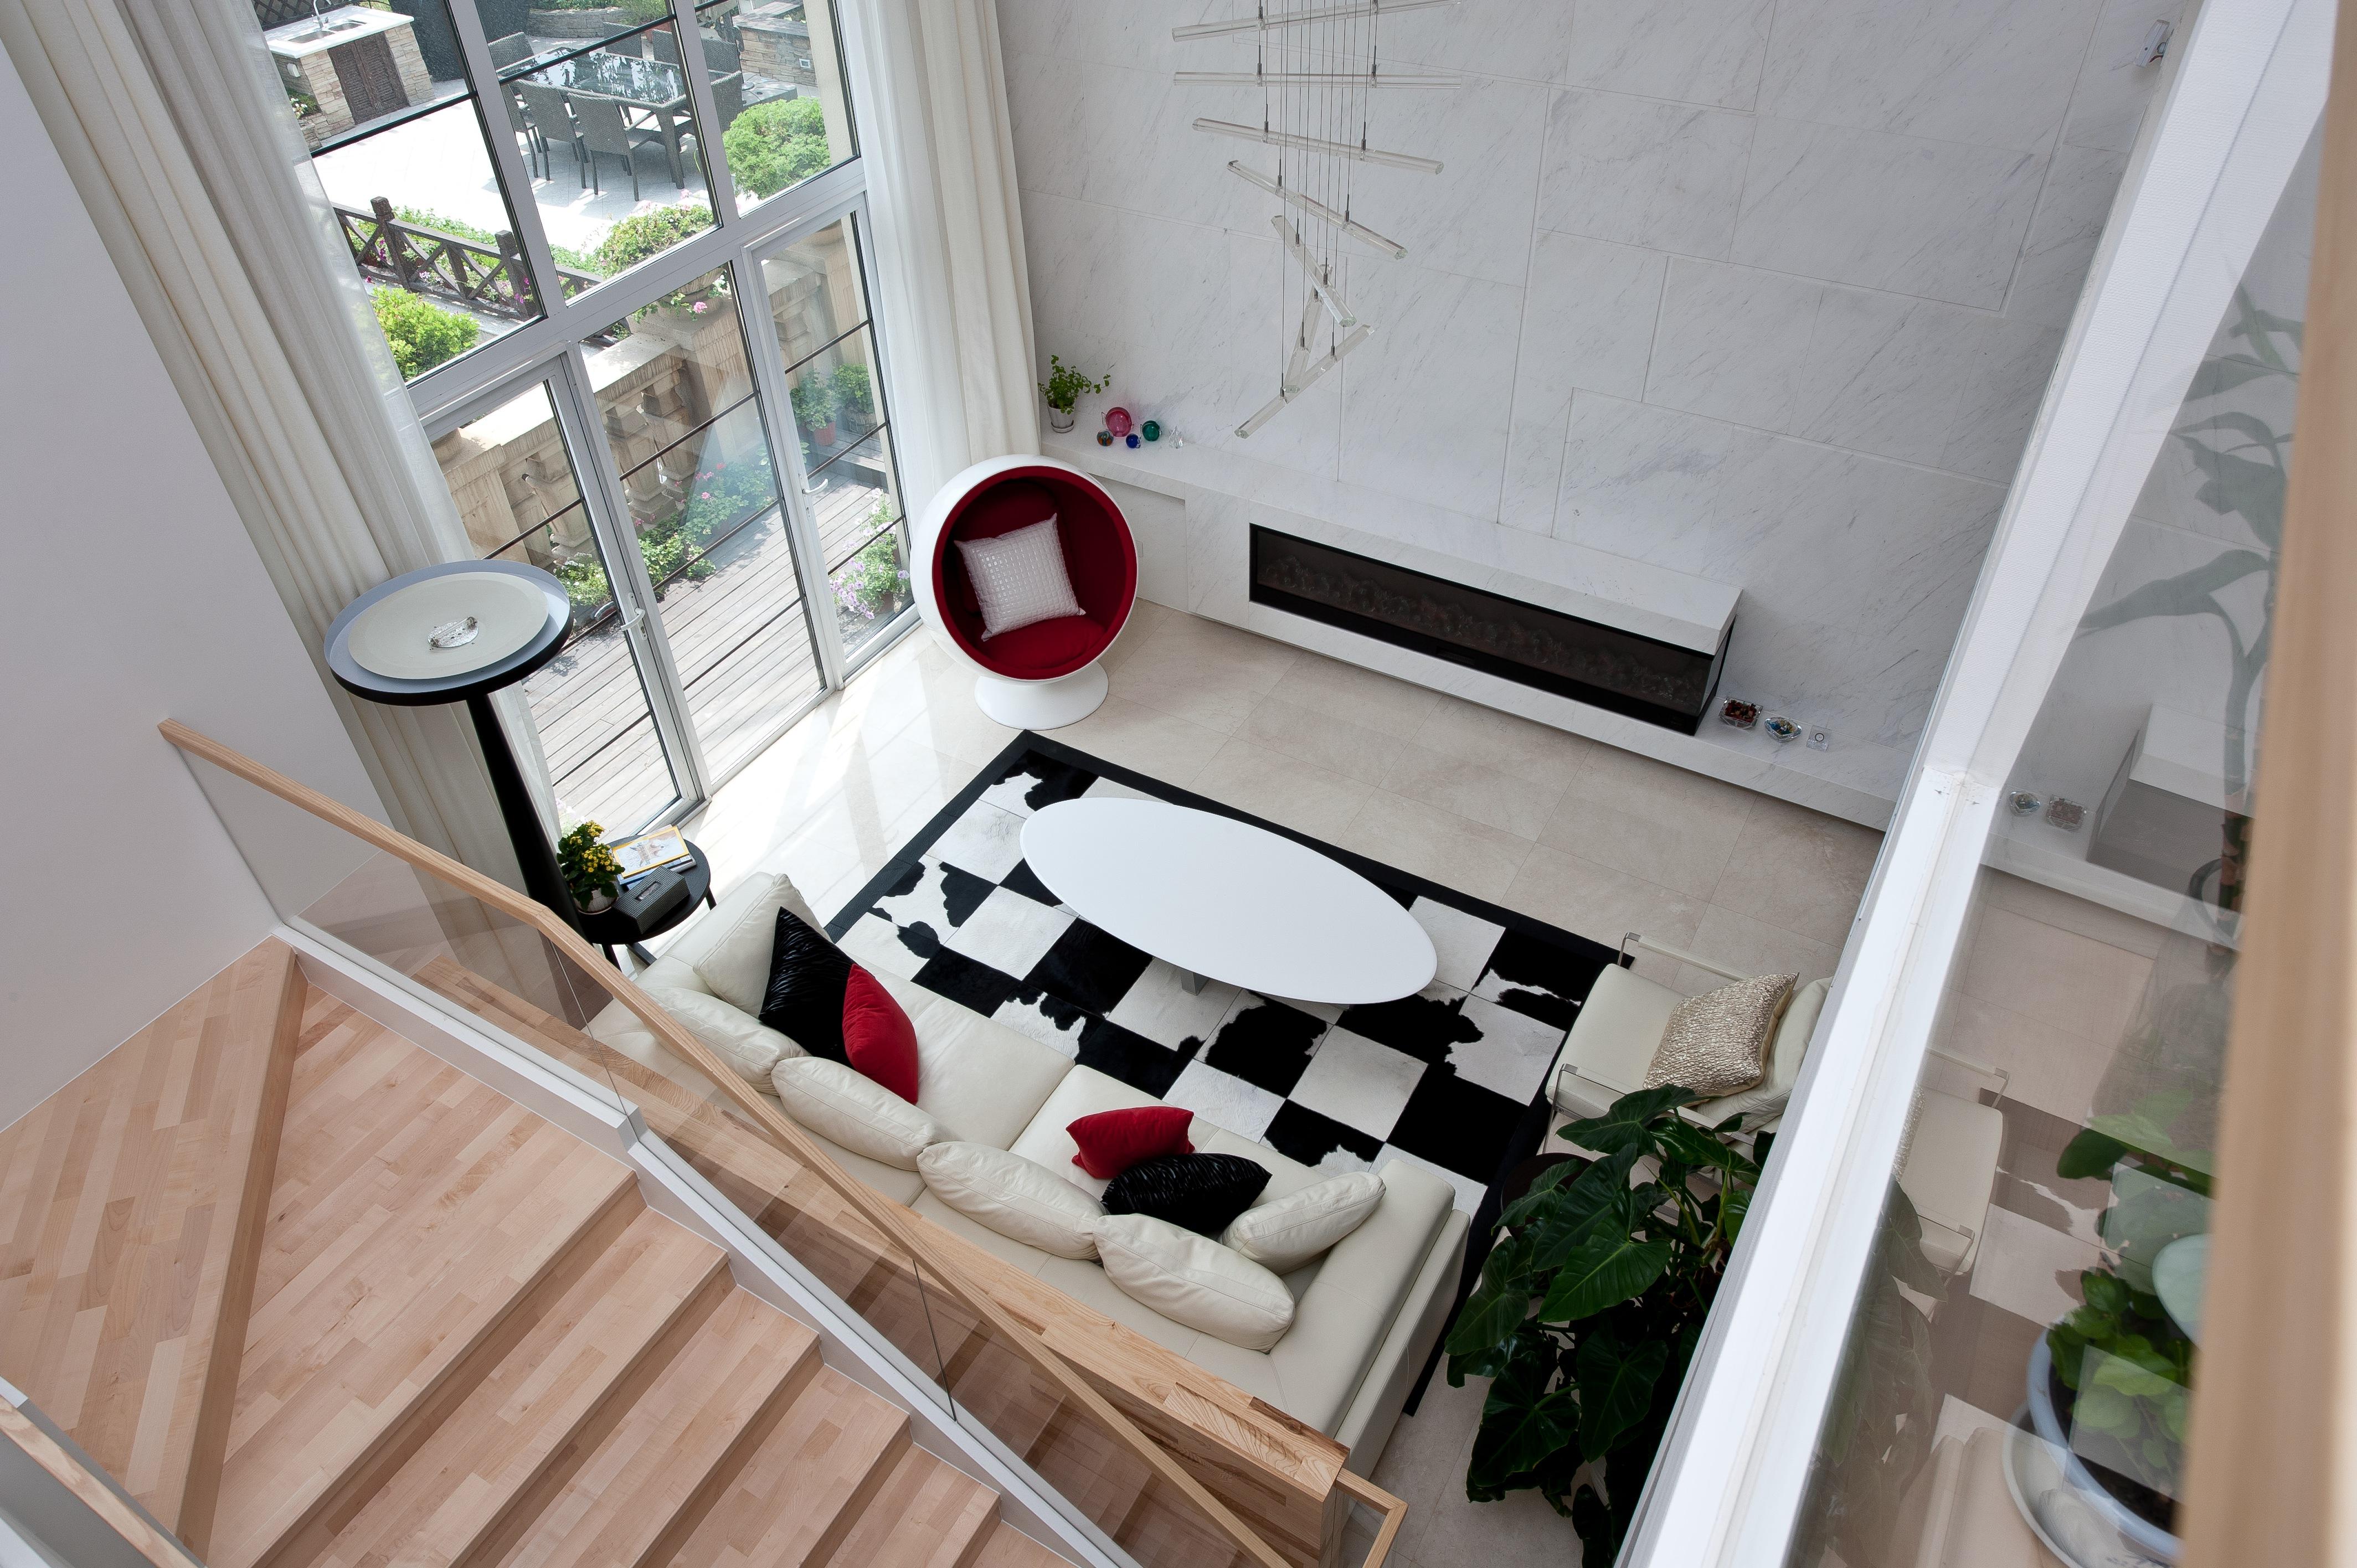 简约 别墅 法兰西世家 上海尚层 客厅图片来自上海尚层装饰官网在法兰西世家别墅装修效果图的分享